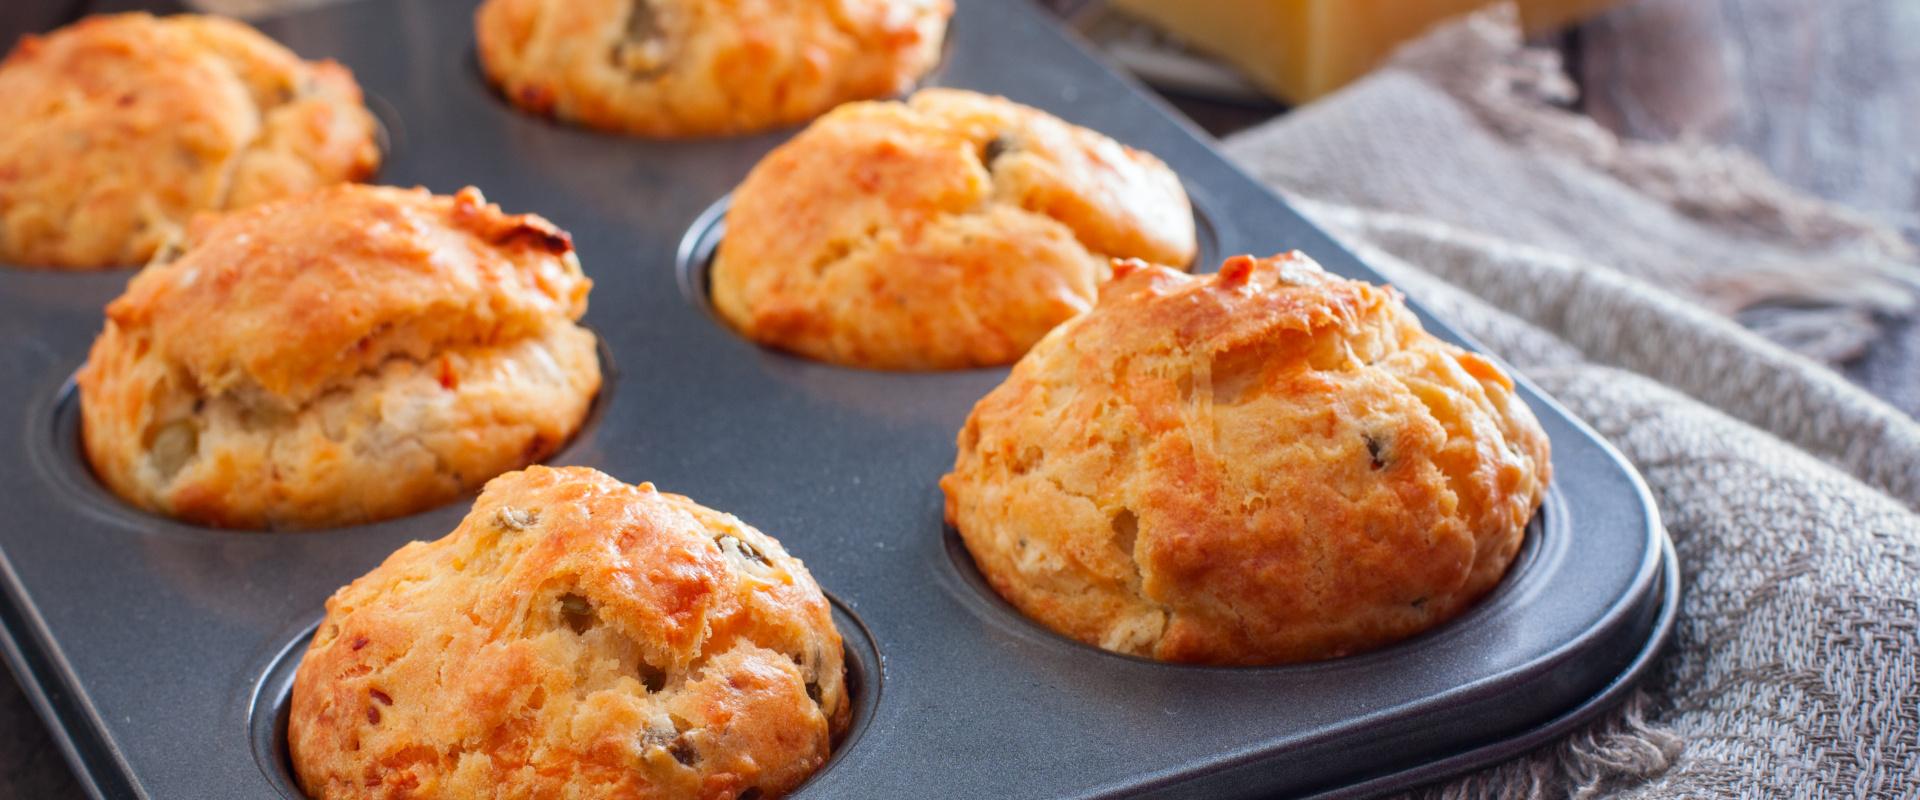 sonkás sajtos szárított paradicsomos muffin cover